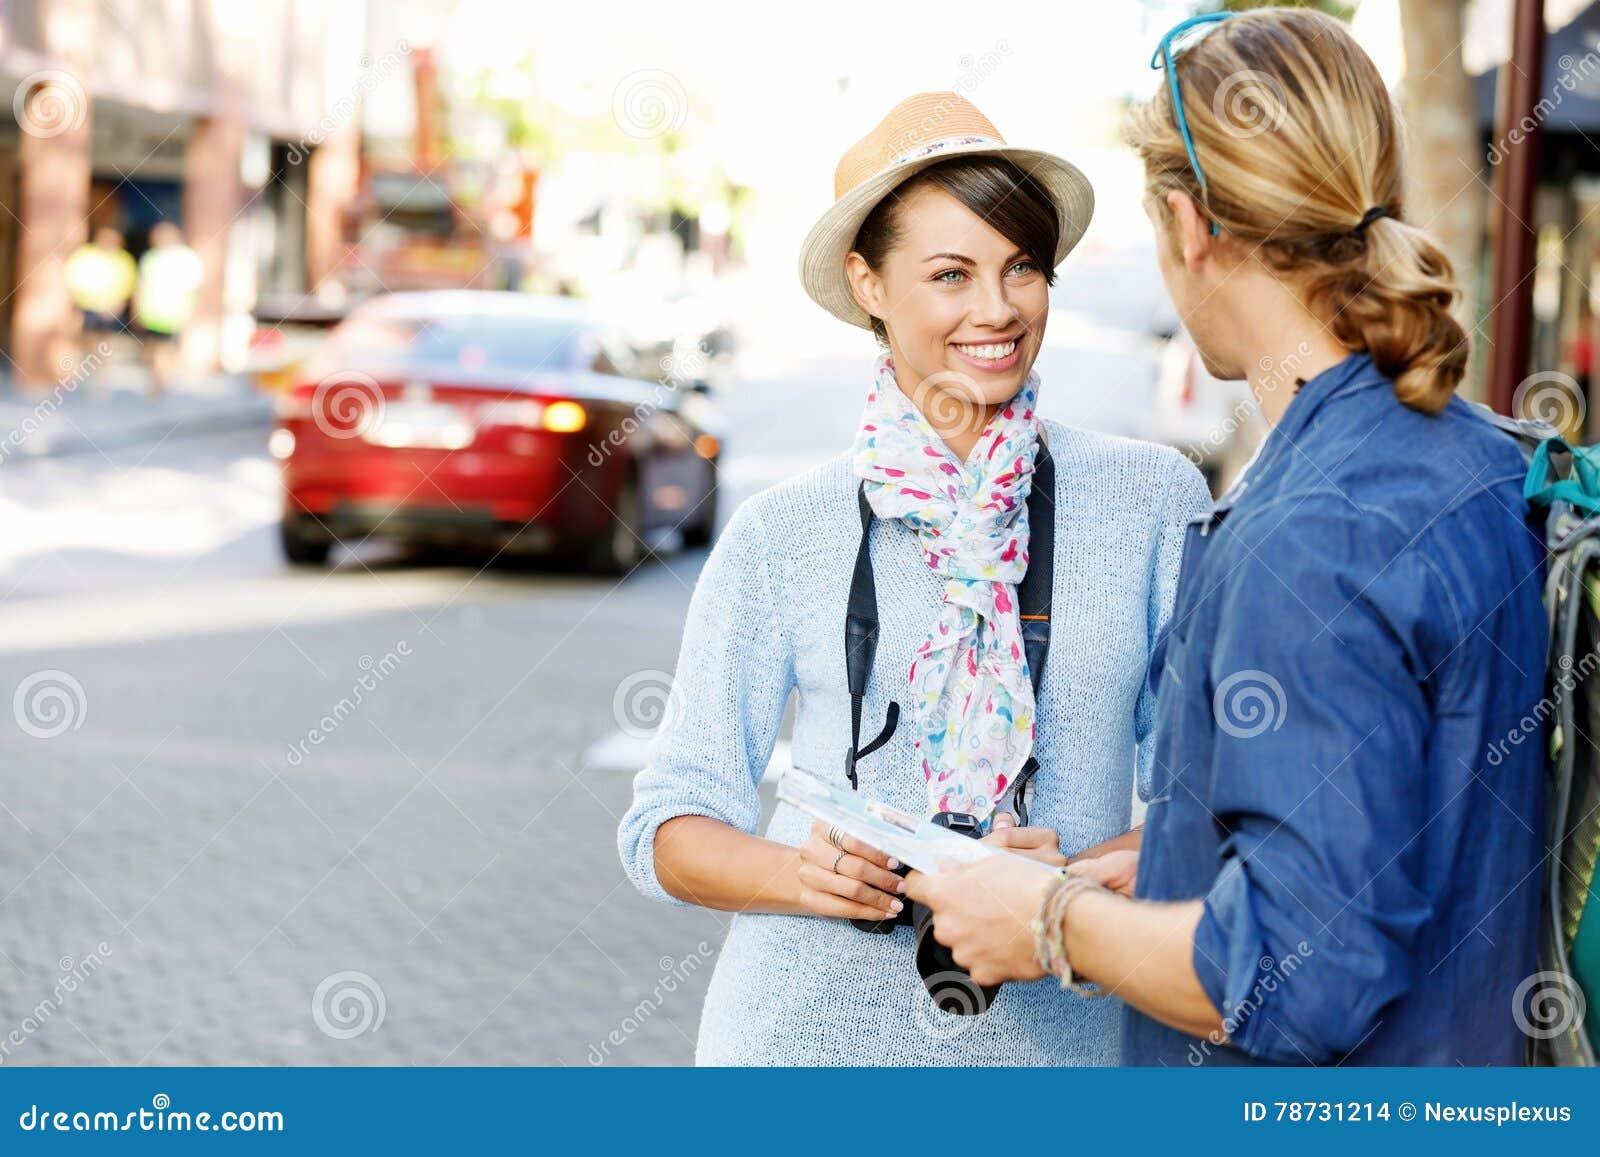 Flicka och grabb på gatorna av en stad